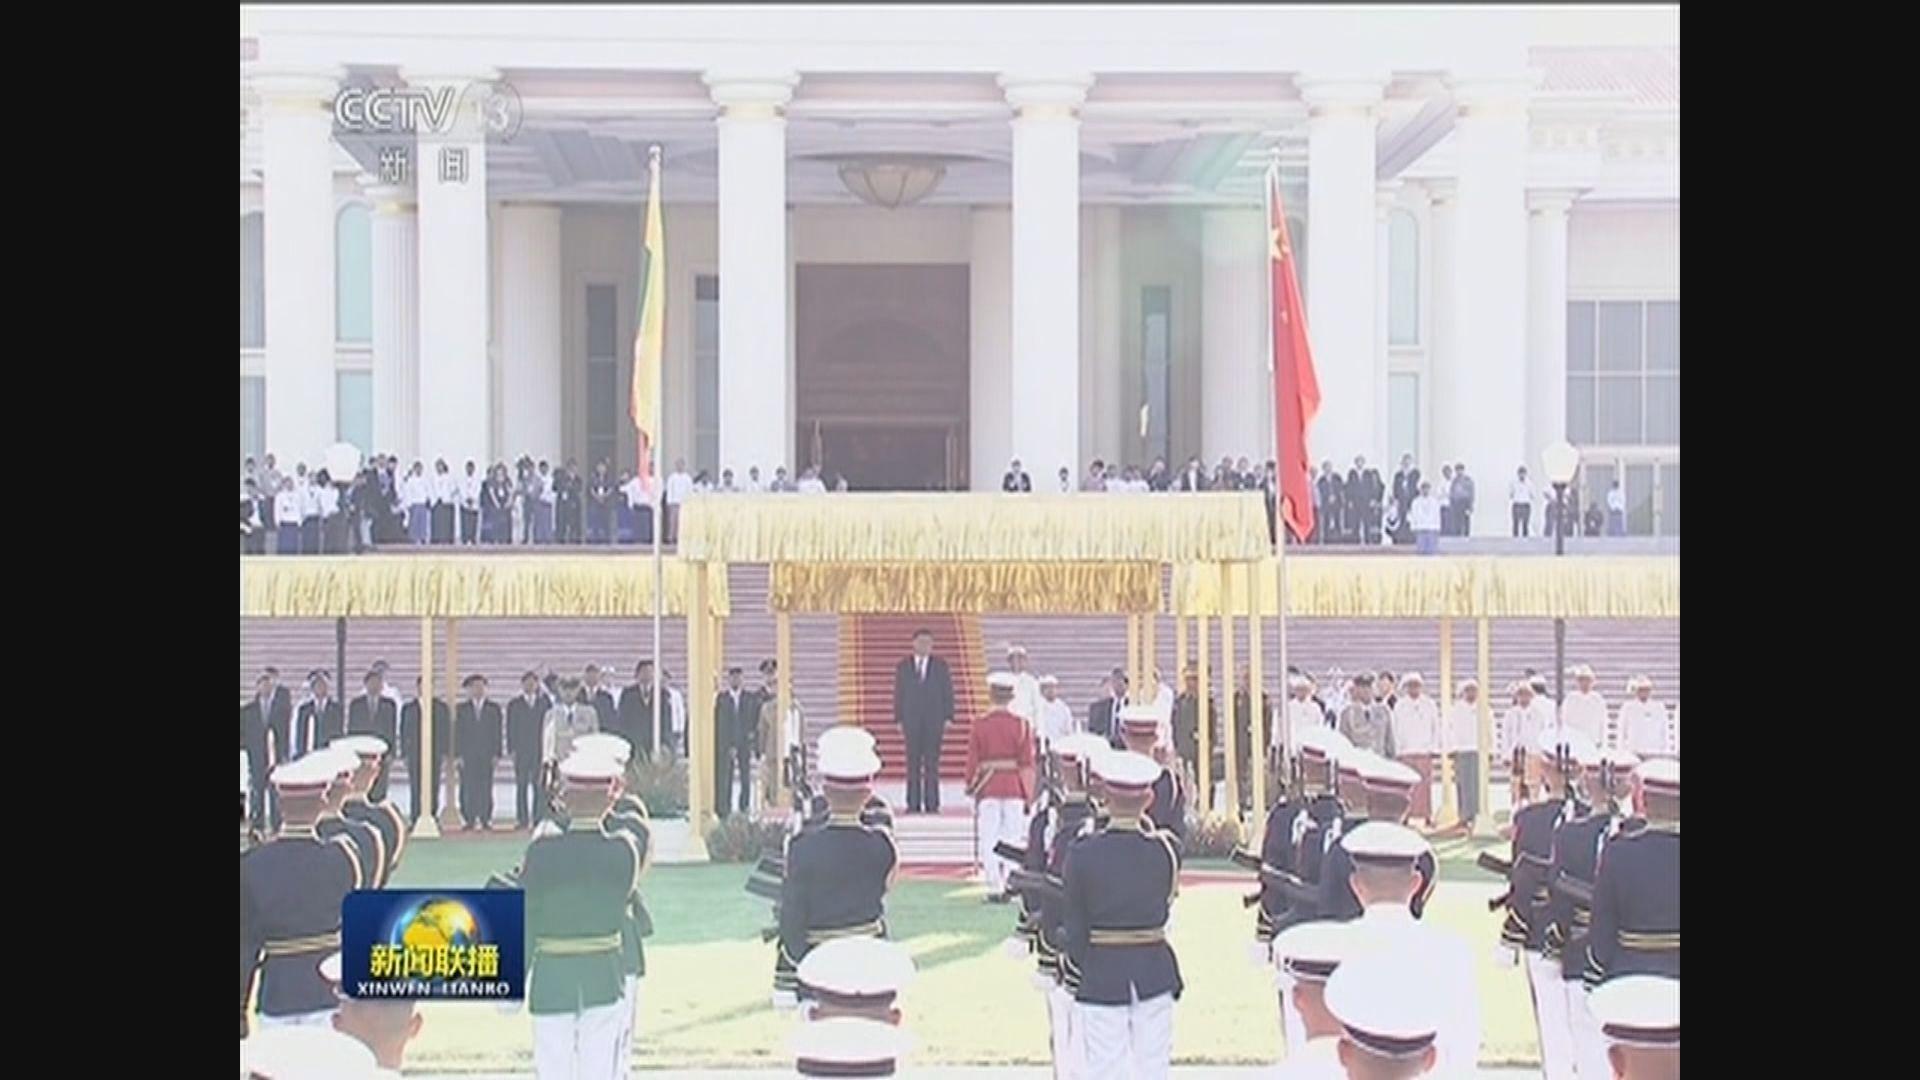 習近平在緬甸總統府出席歡迎儀式